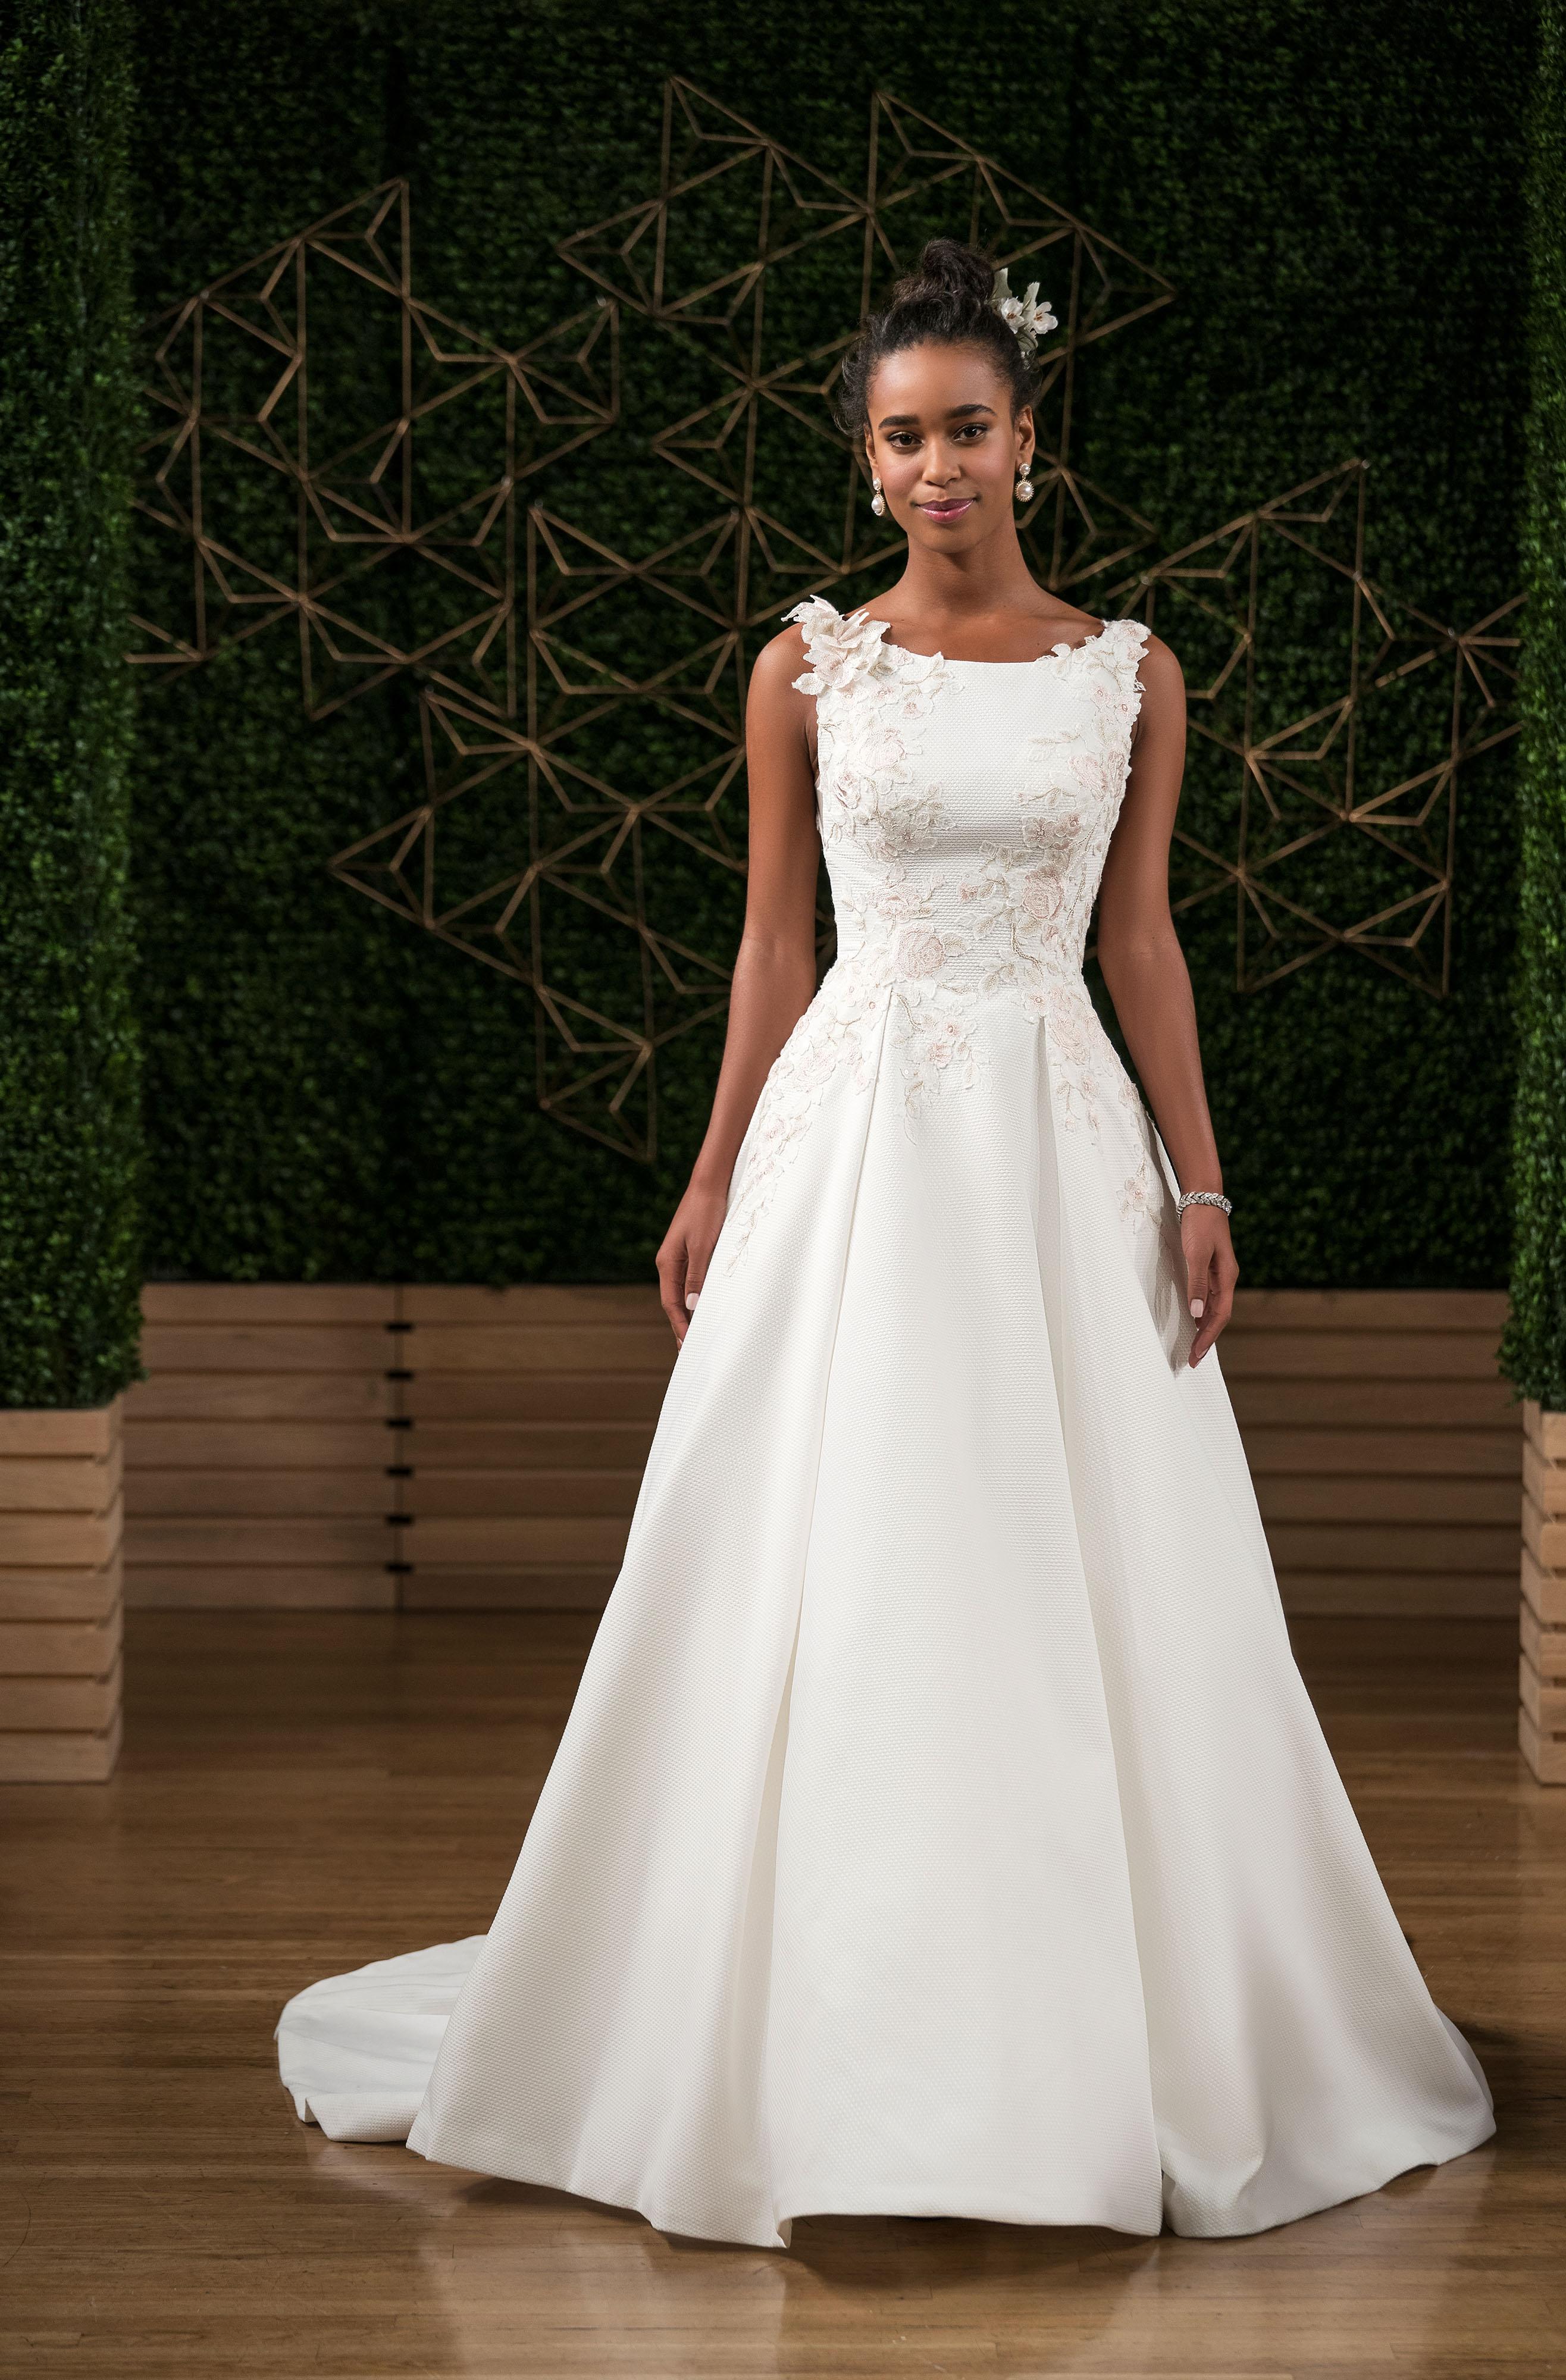 maggie sottero wedding dress fall 2018 boatneck embellished sleeveless